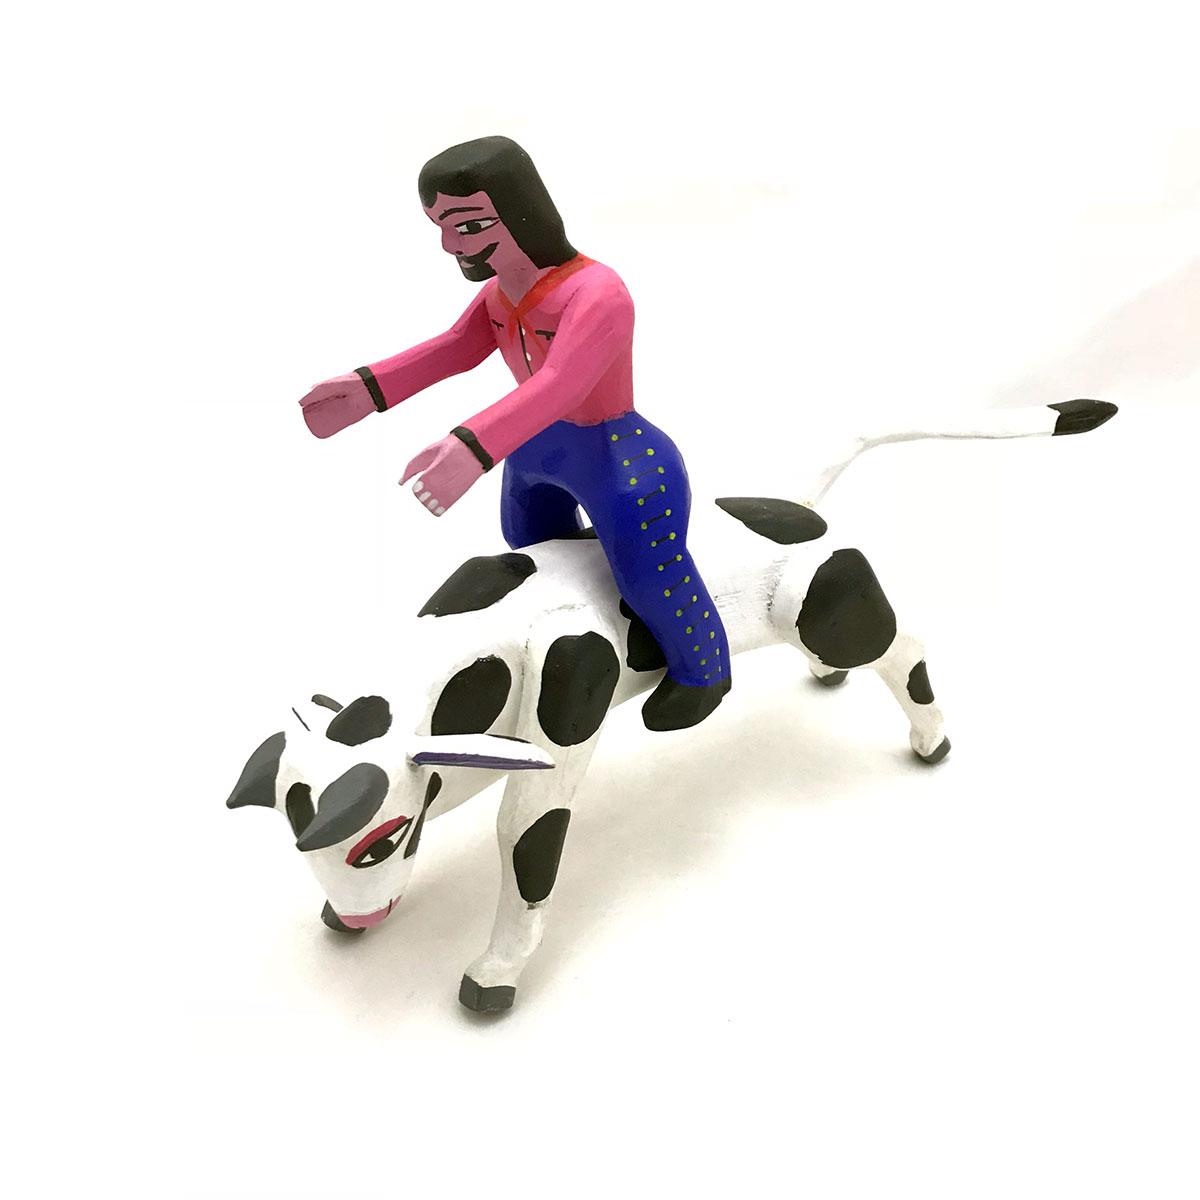 Alberto Perez Alberto Perez: Cow and Rider bulls